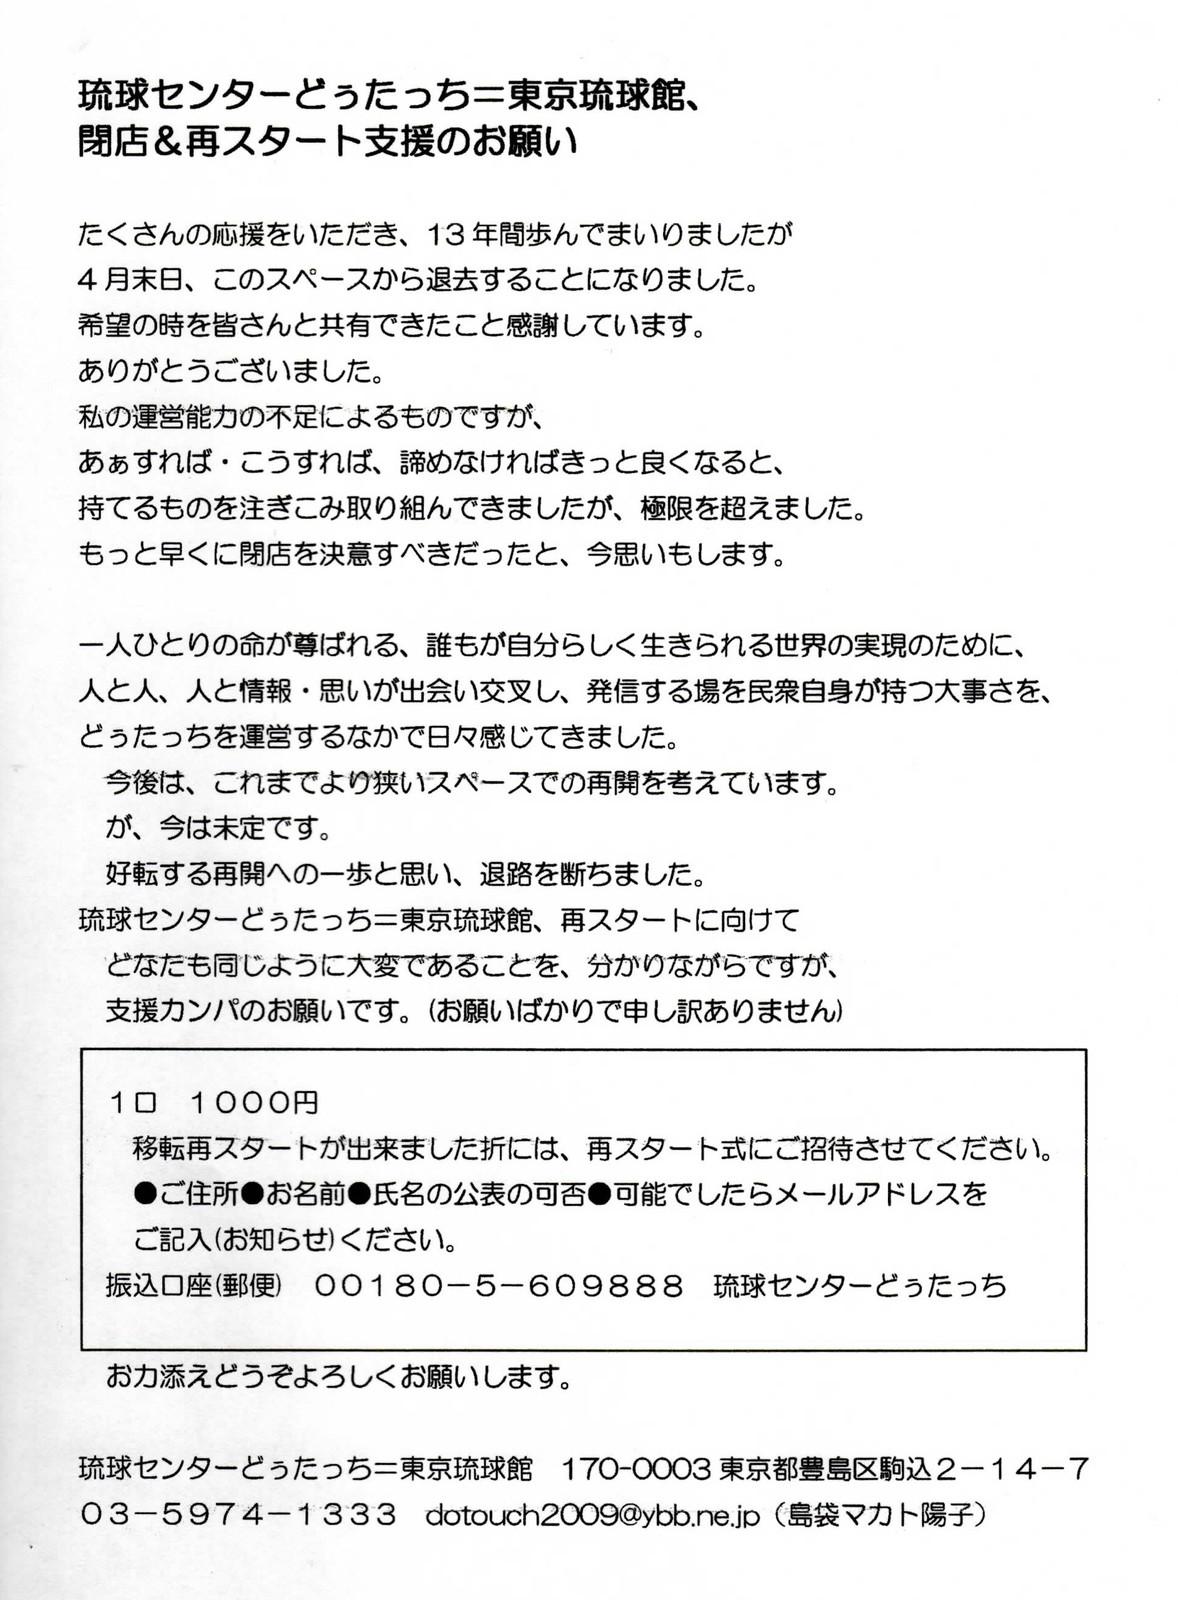 Epson011